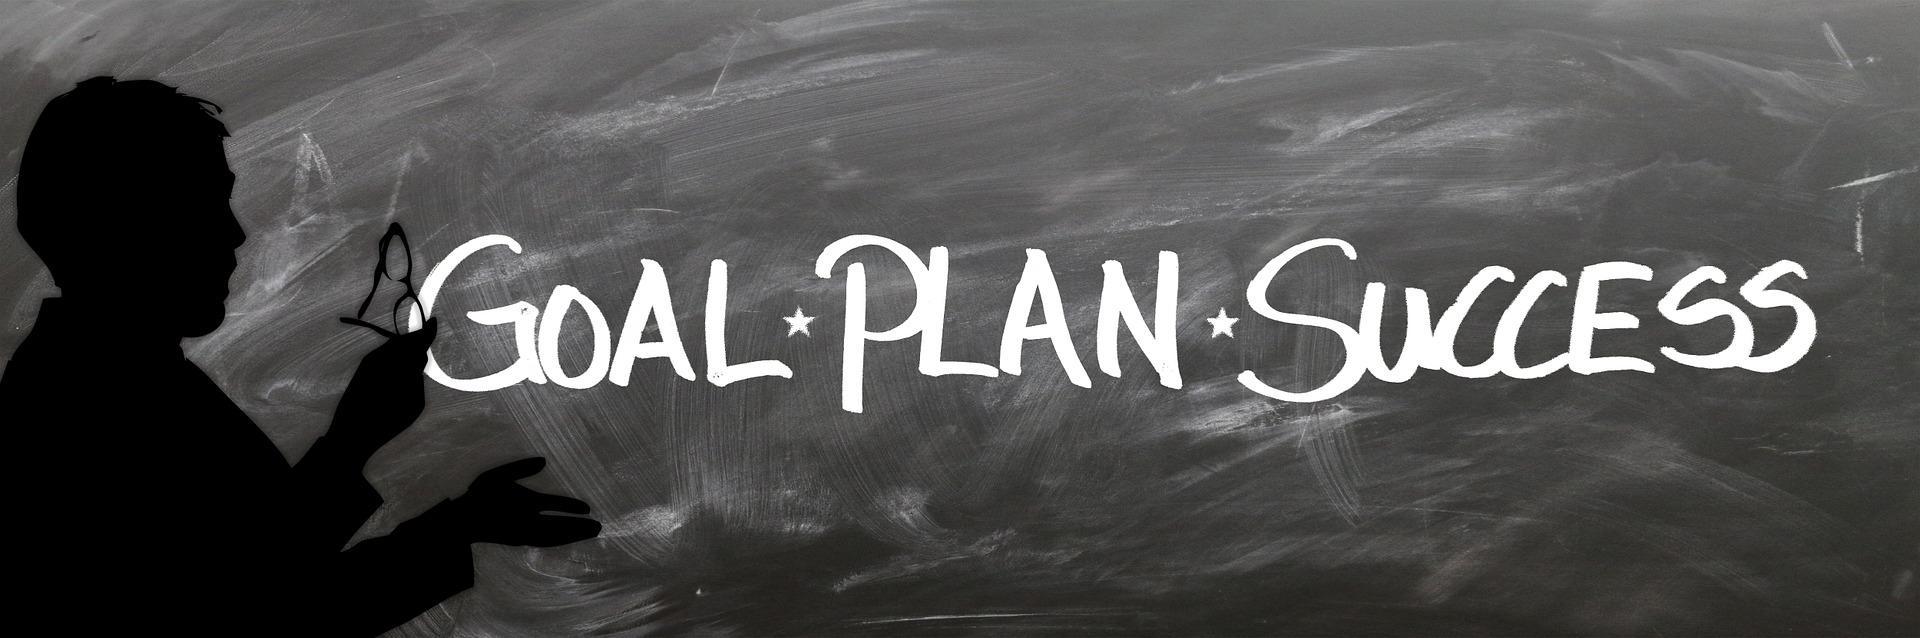 Goal - Plan